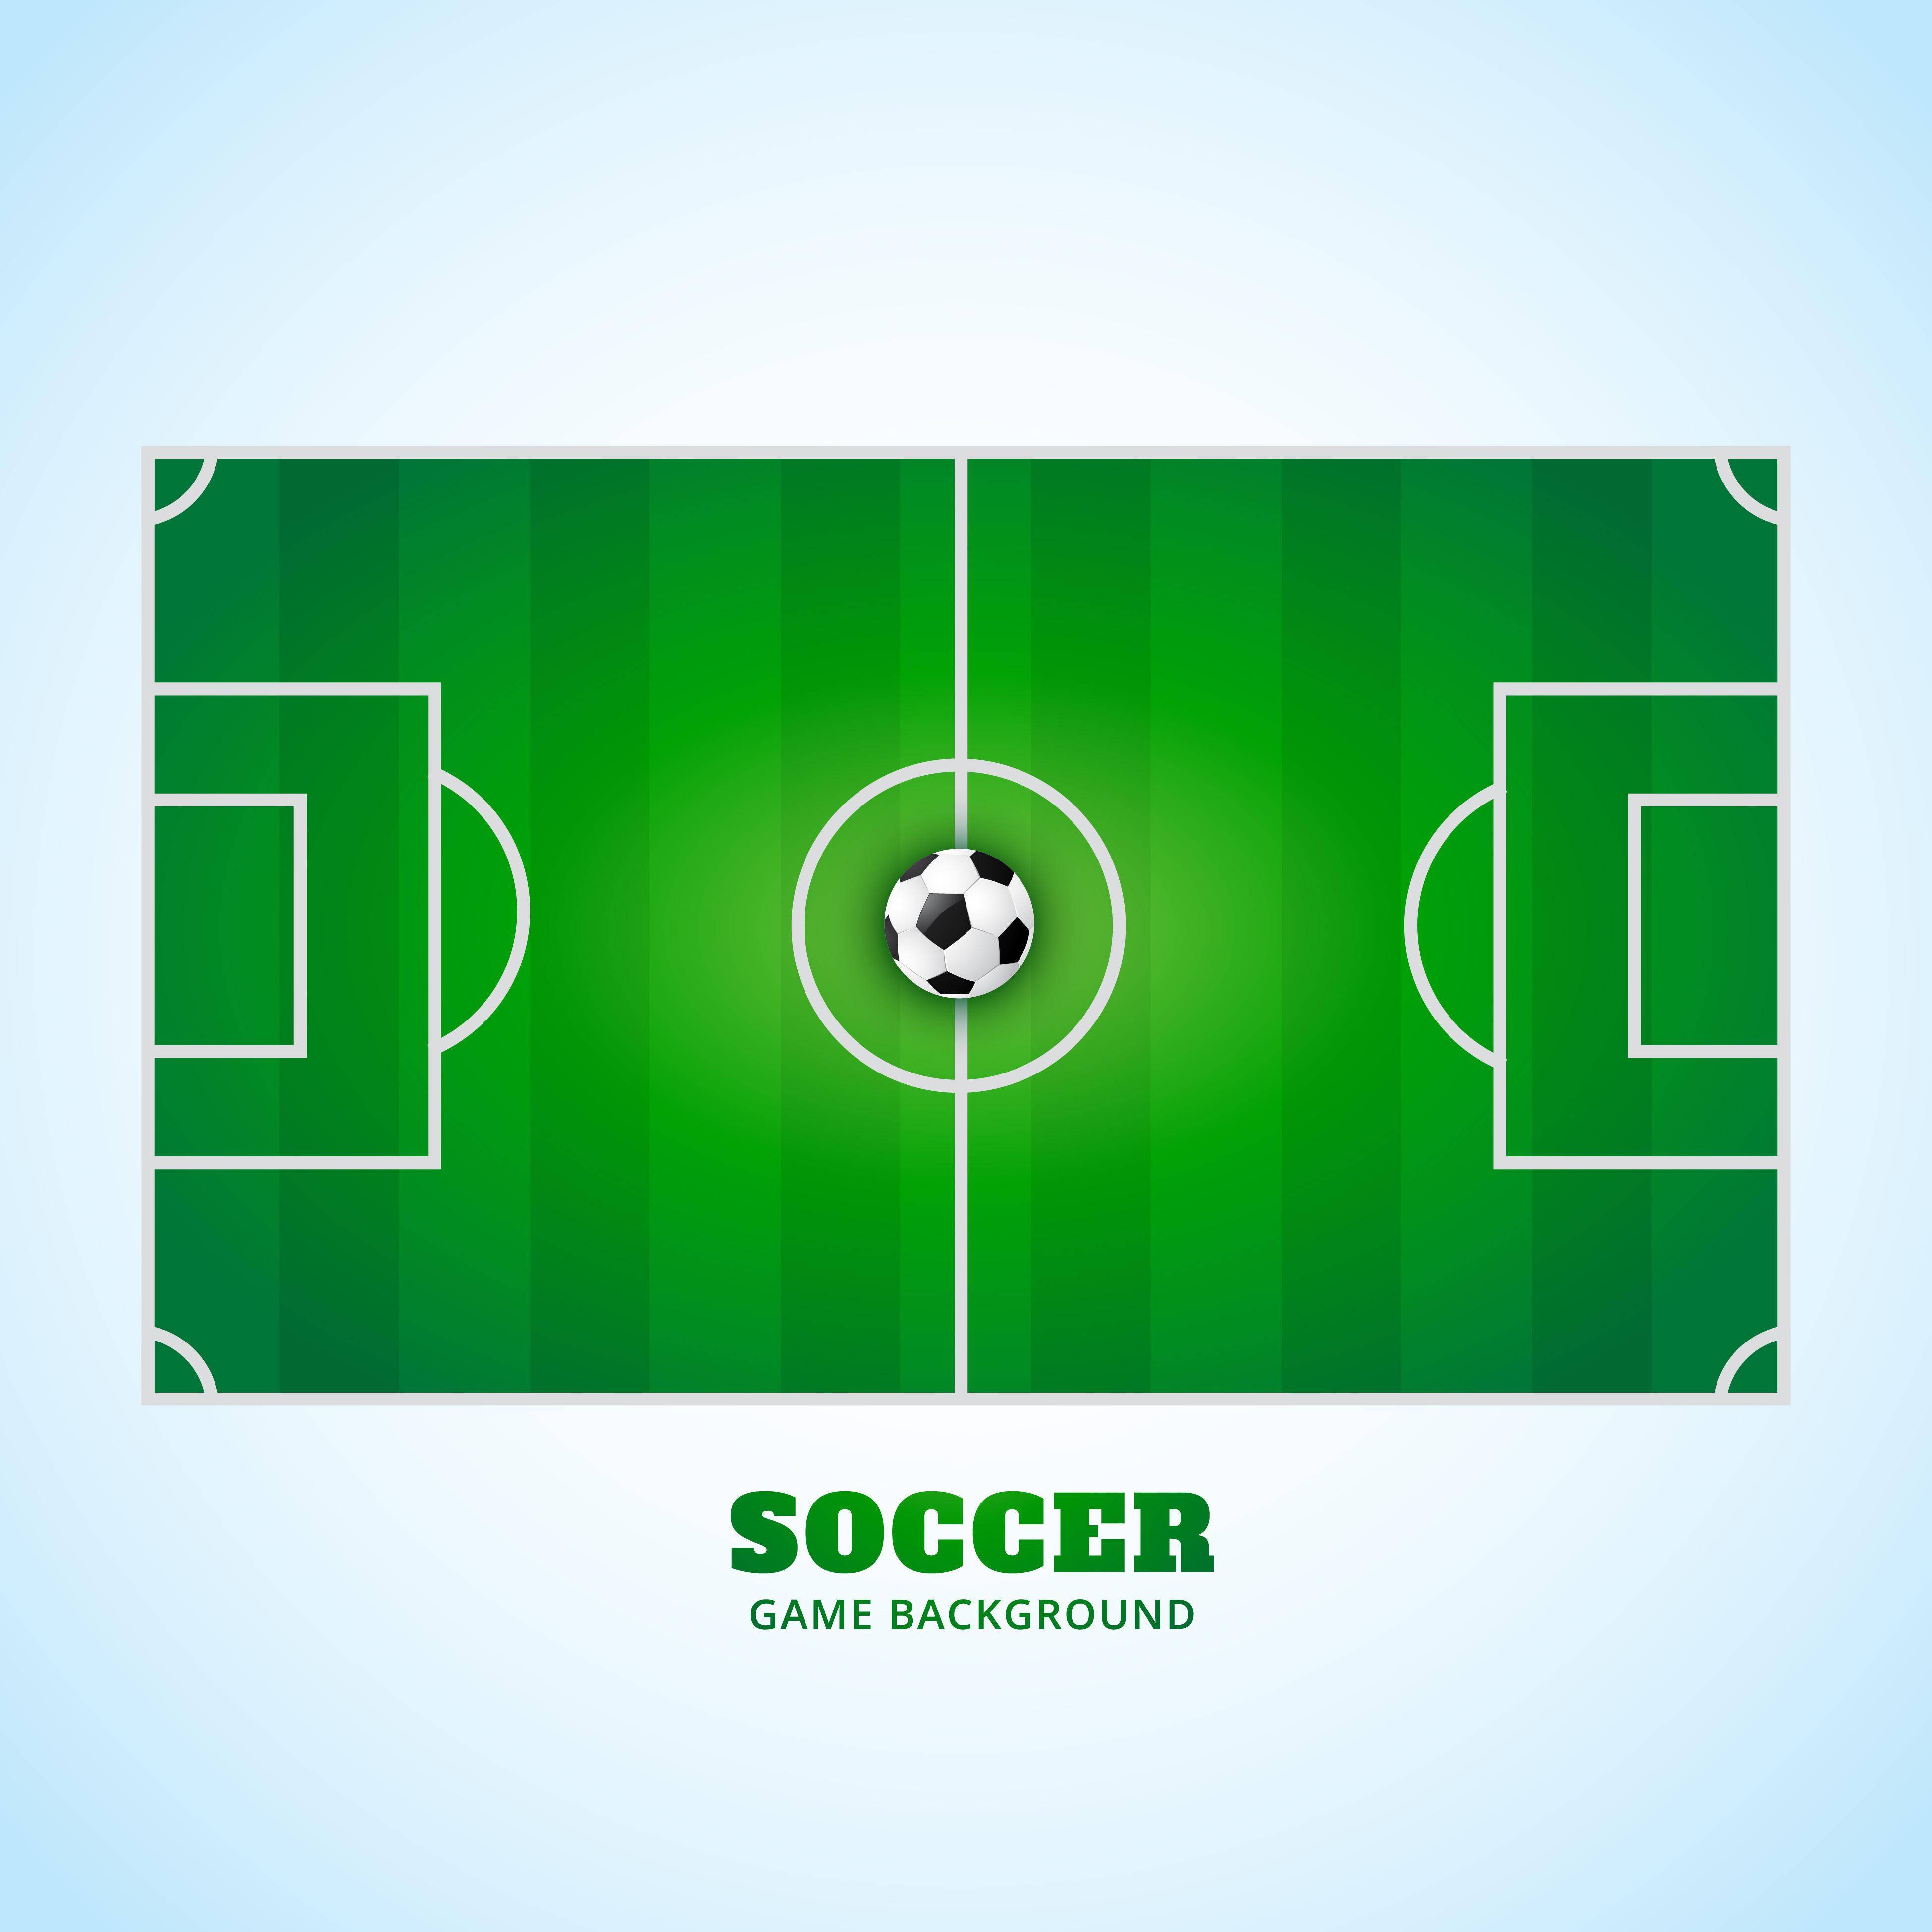 Stadium Lights Svg: Soccer Stadium Free Vector Art